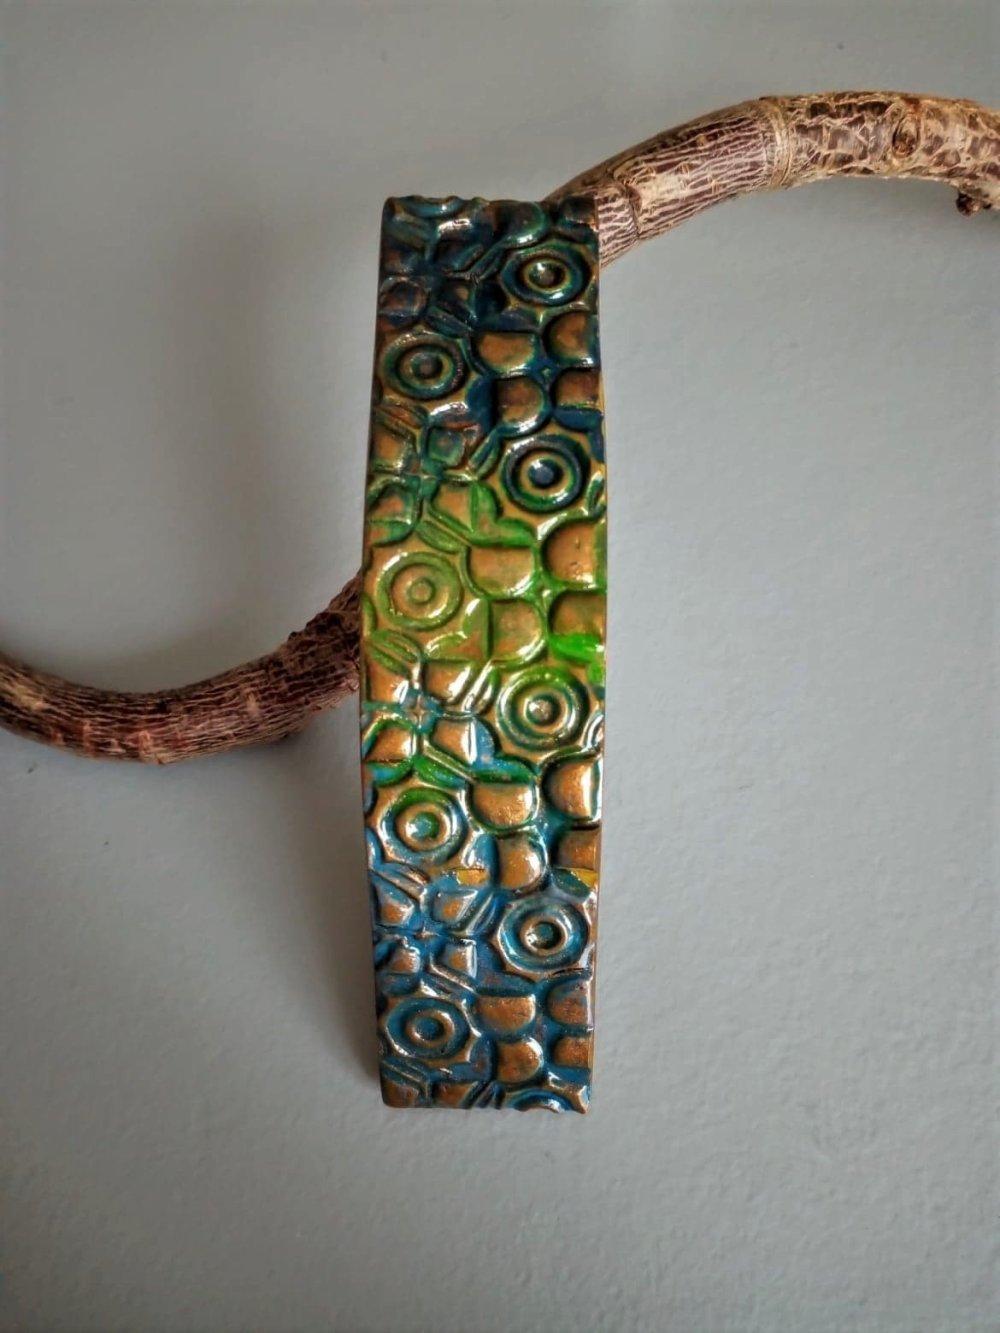 barrette à cheveux en pâte polymère dans les tons vert,bleu et bronze